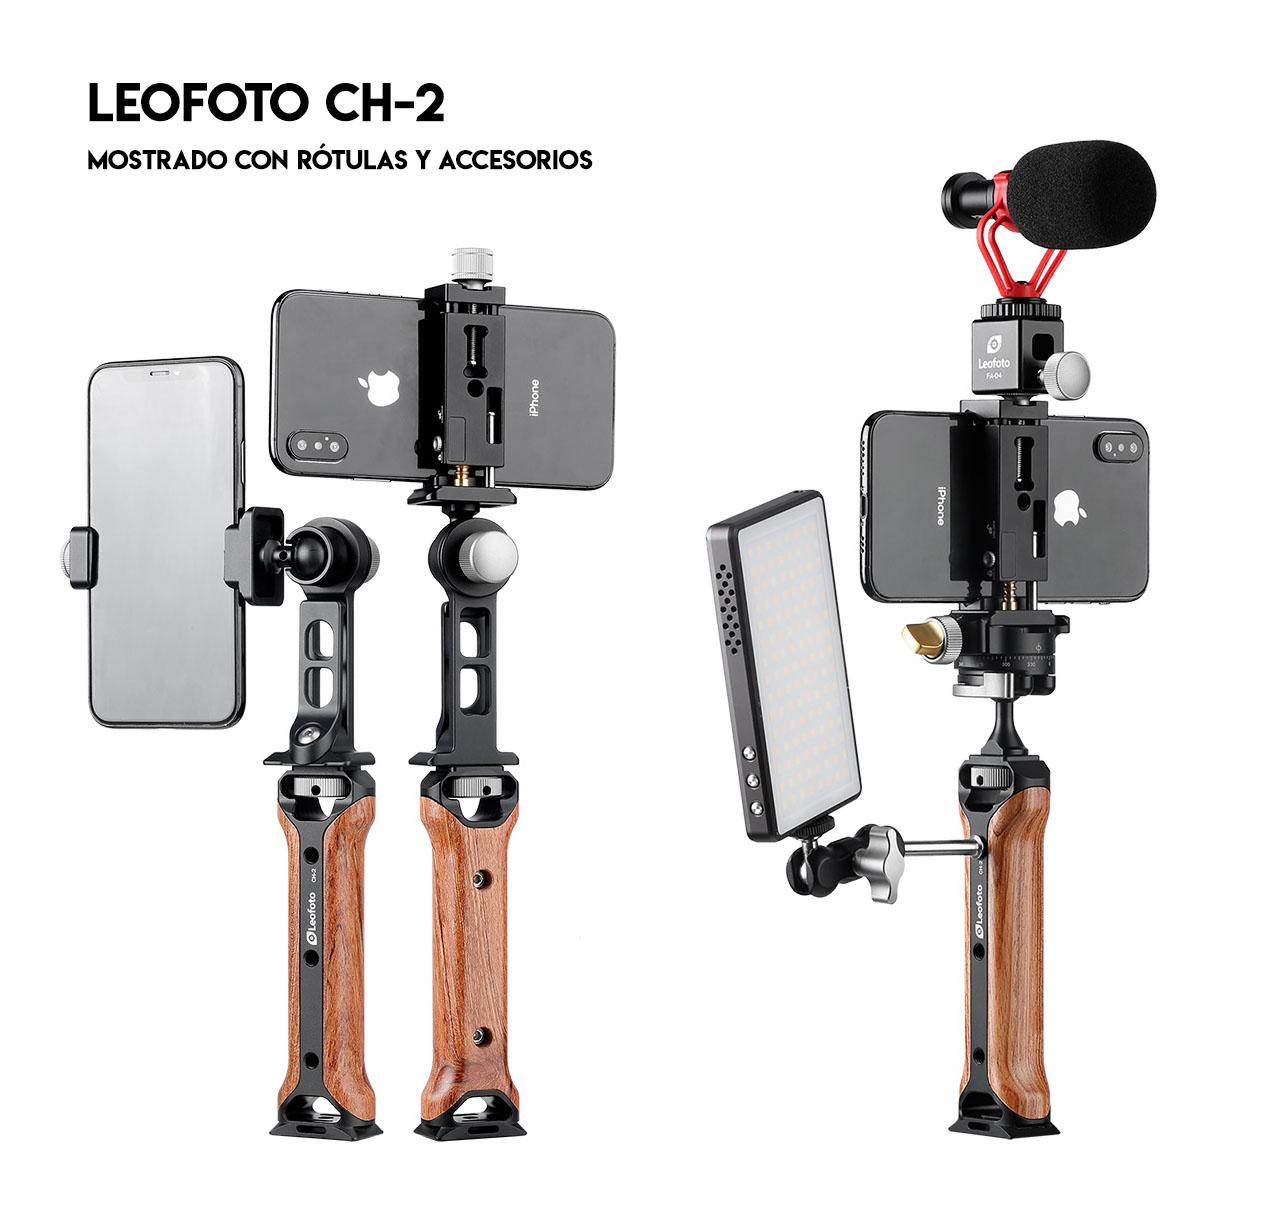 Leofoto CH-2 empuñadura para grabación con accesorios adicionales